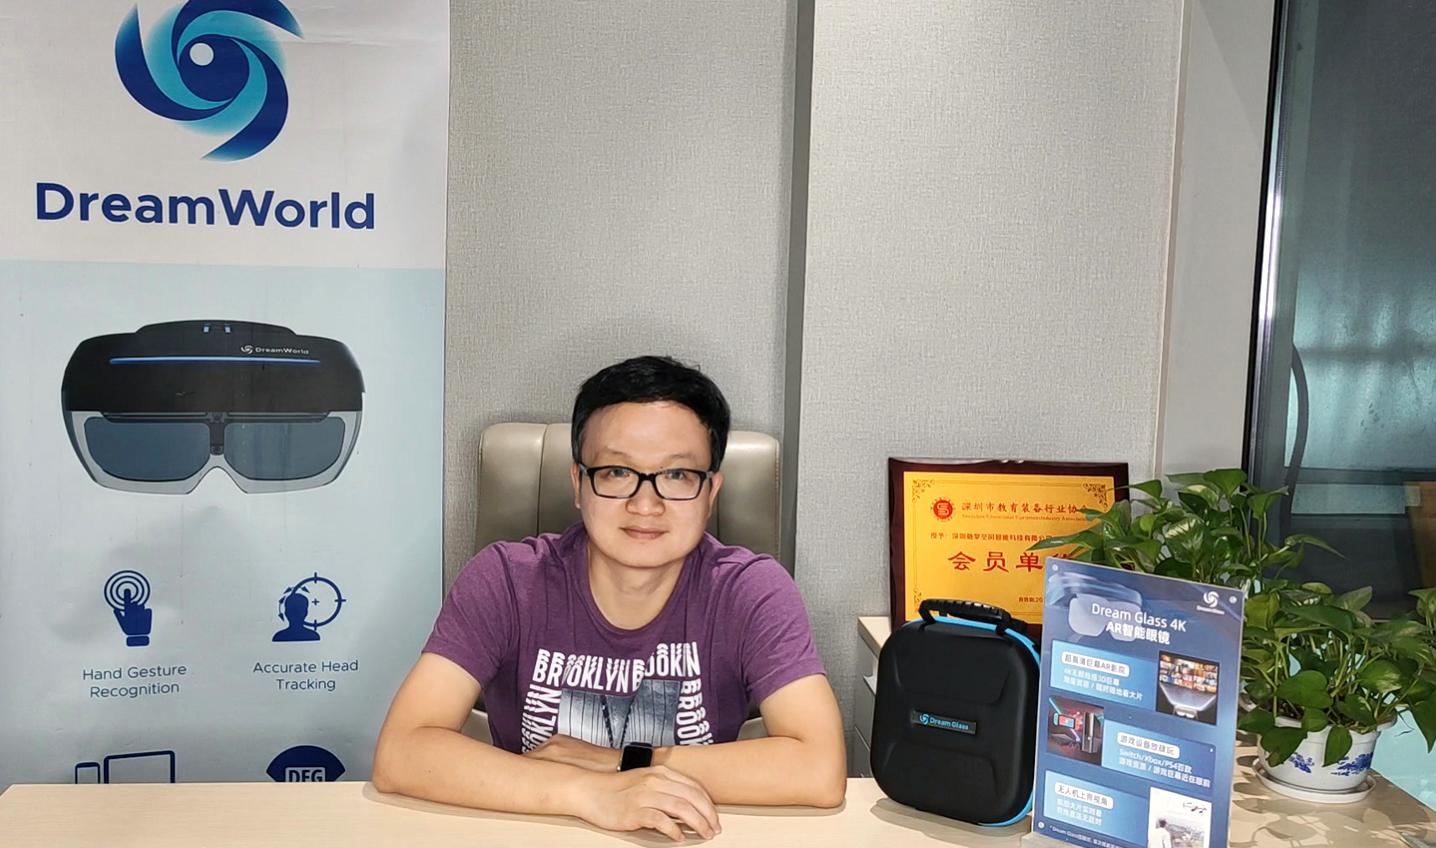 【专访】4个月售出7000台,Dream Glass如何破局消费级AR市场